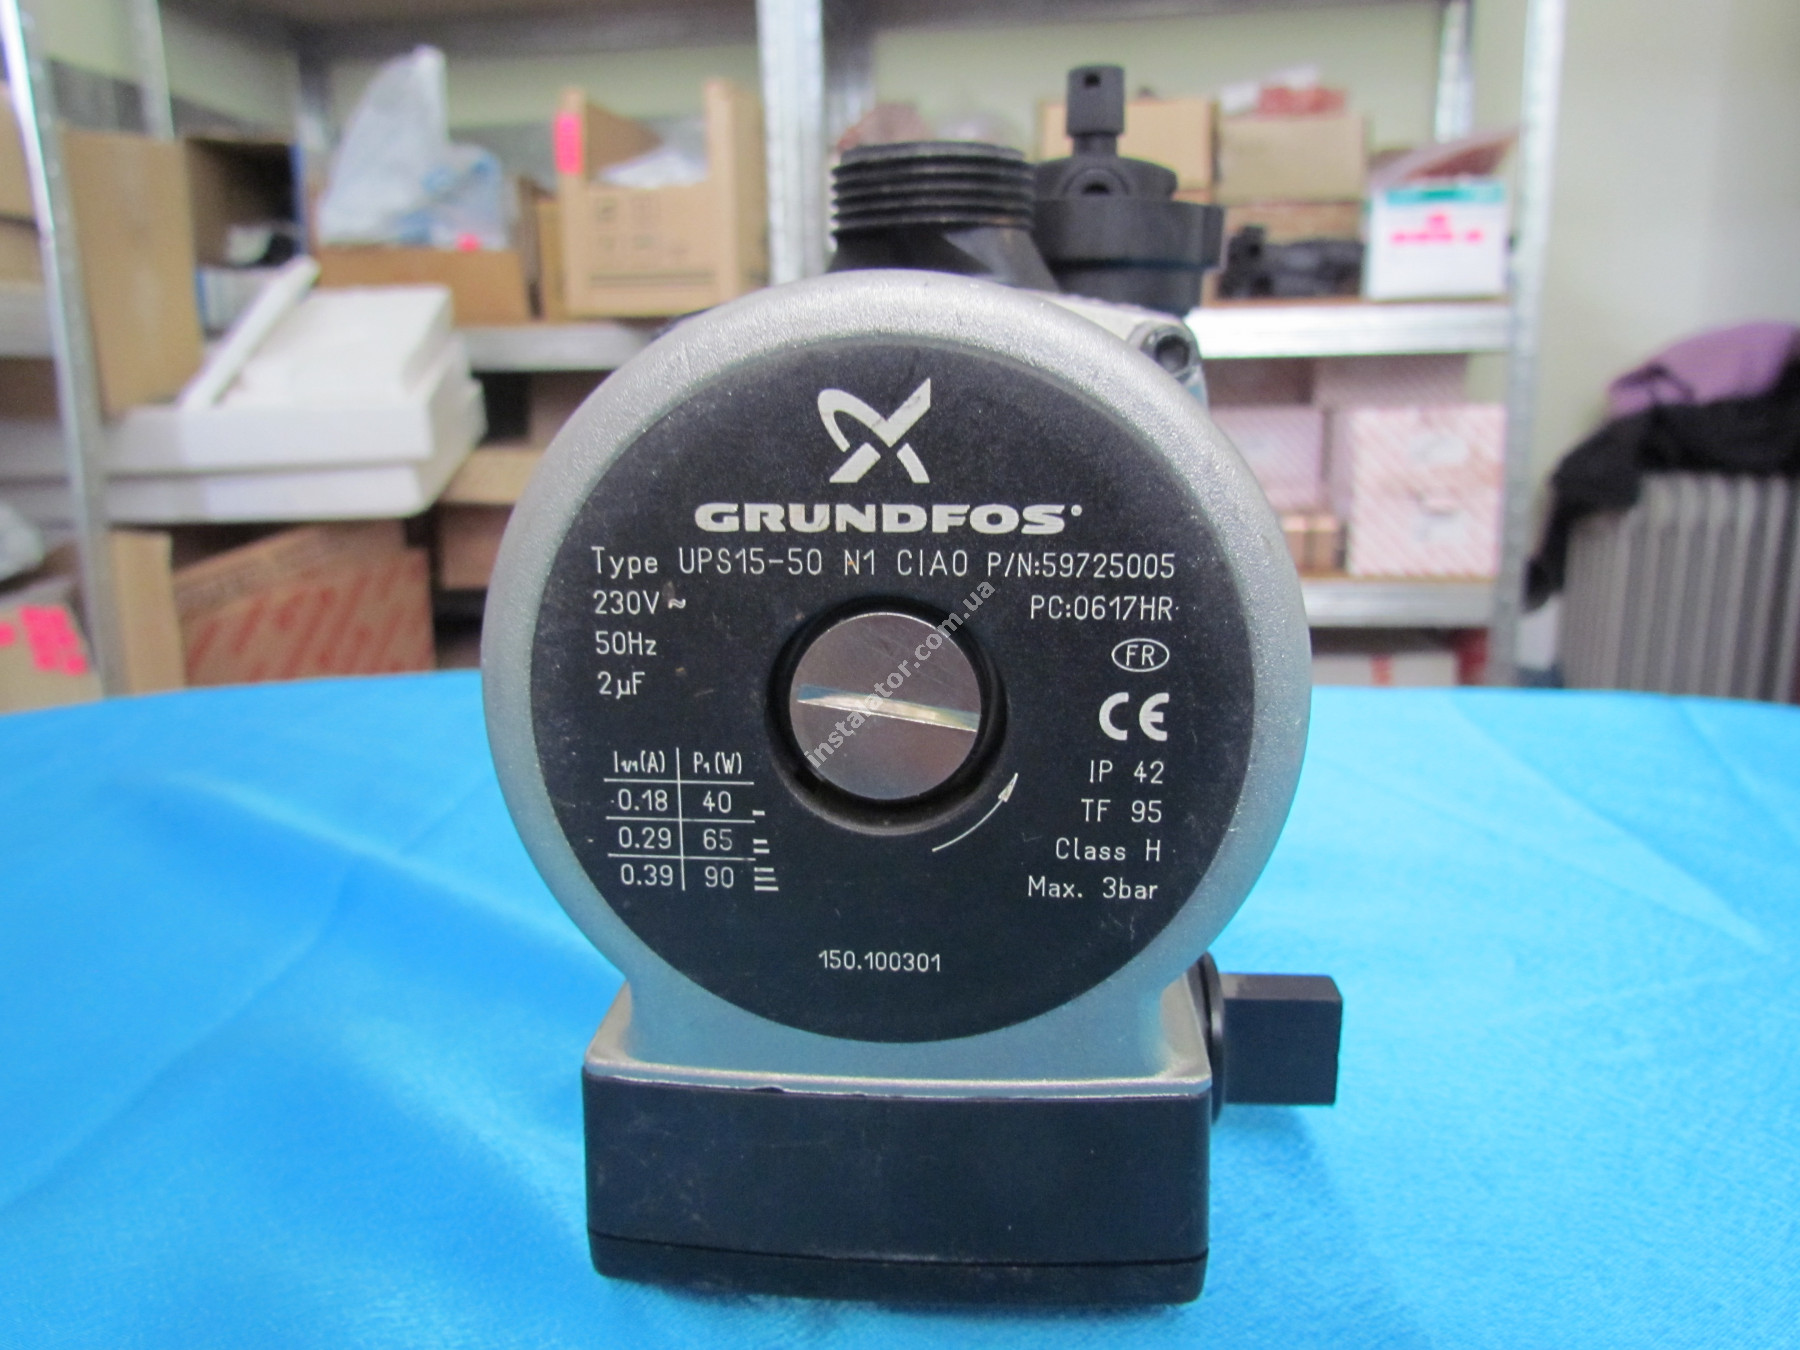 59945536 Циркуляційний насос з розповітрювачем Grundfos 15-50 full-image-1